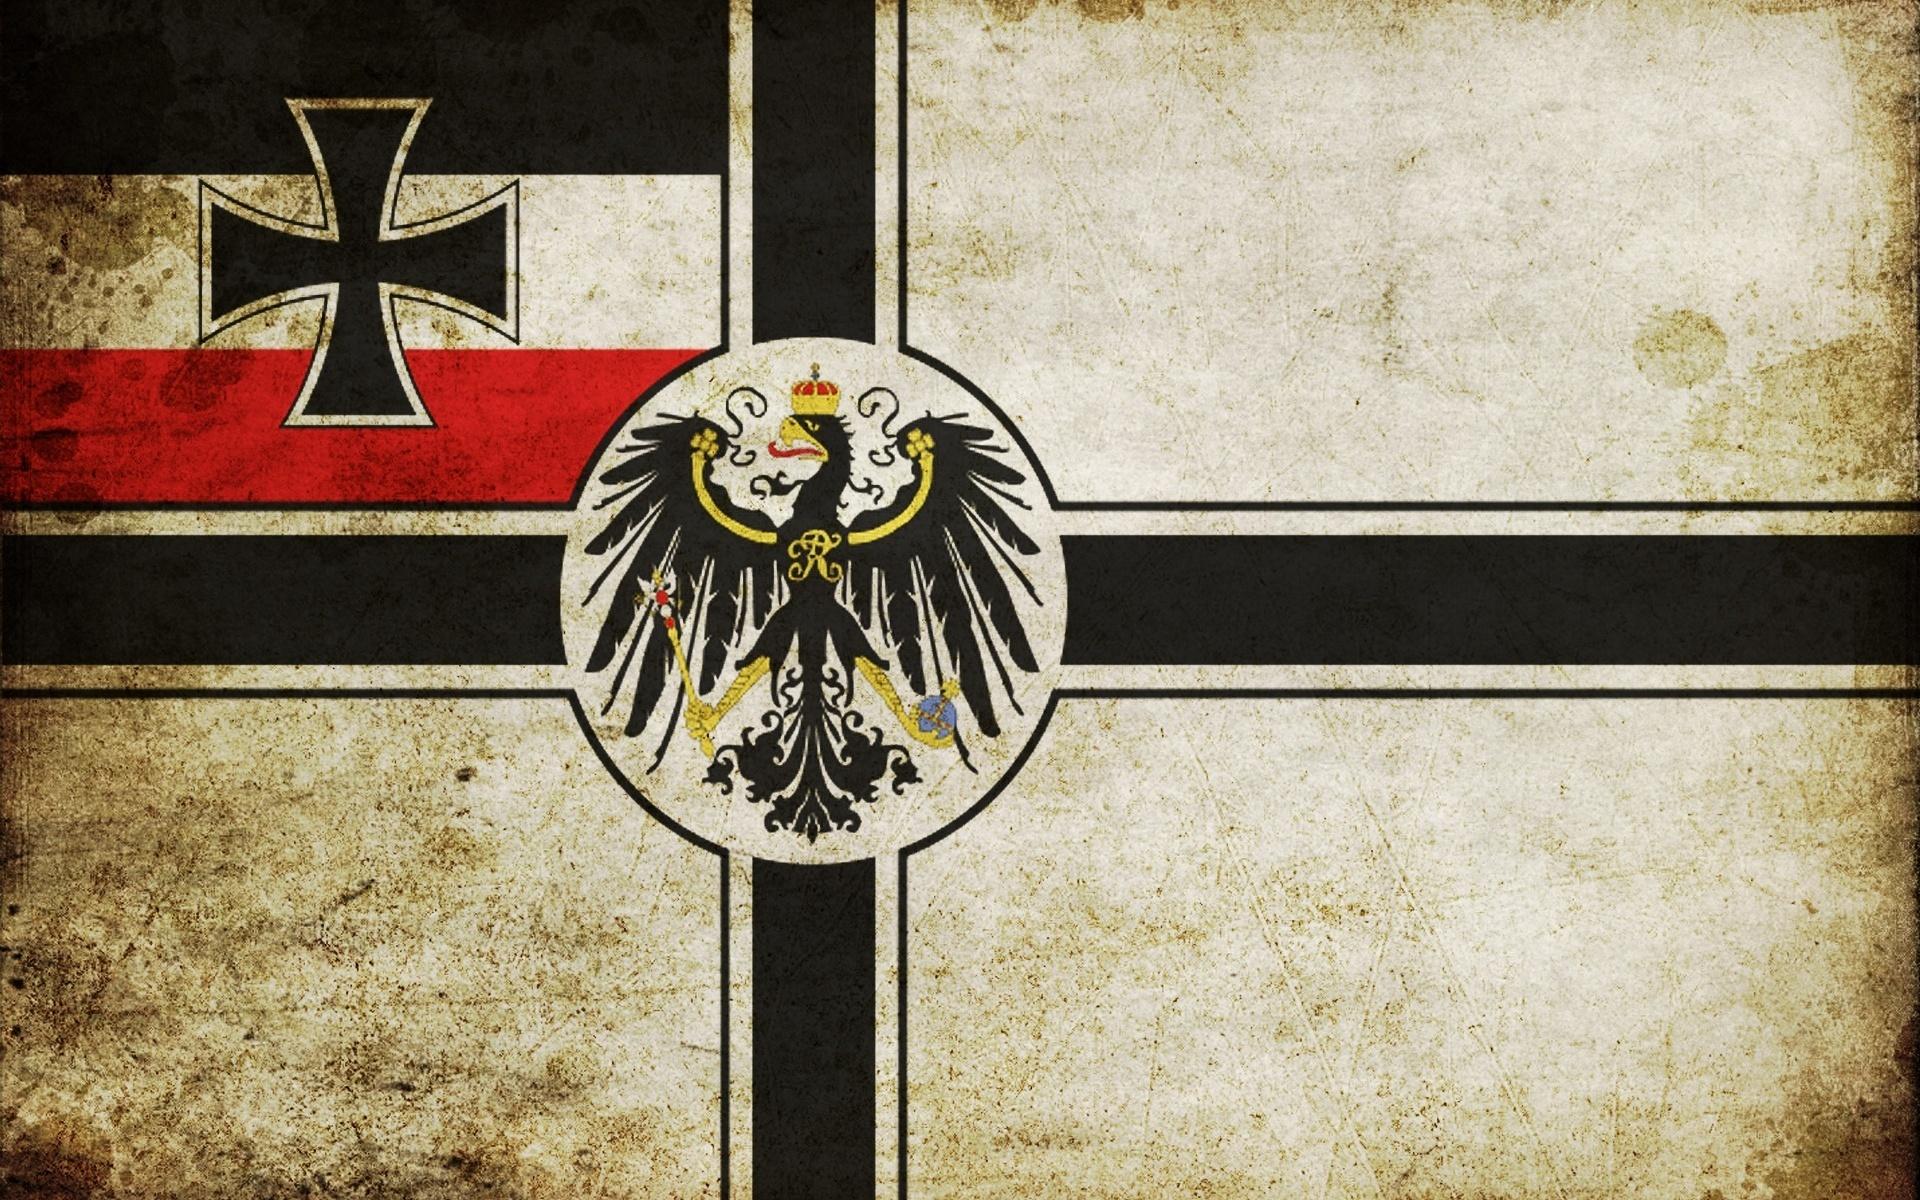 флаг, германия, орел, имперский военно-морской флаг германии периода 1871-1918, флаги